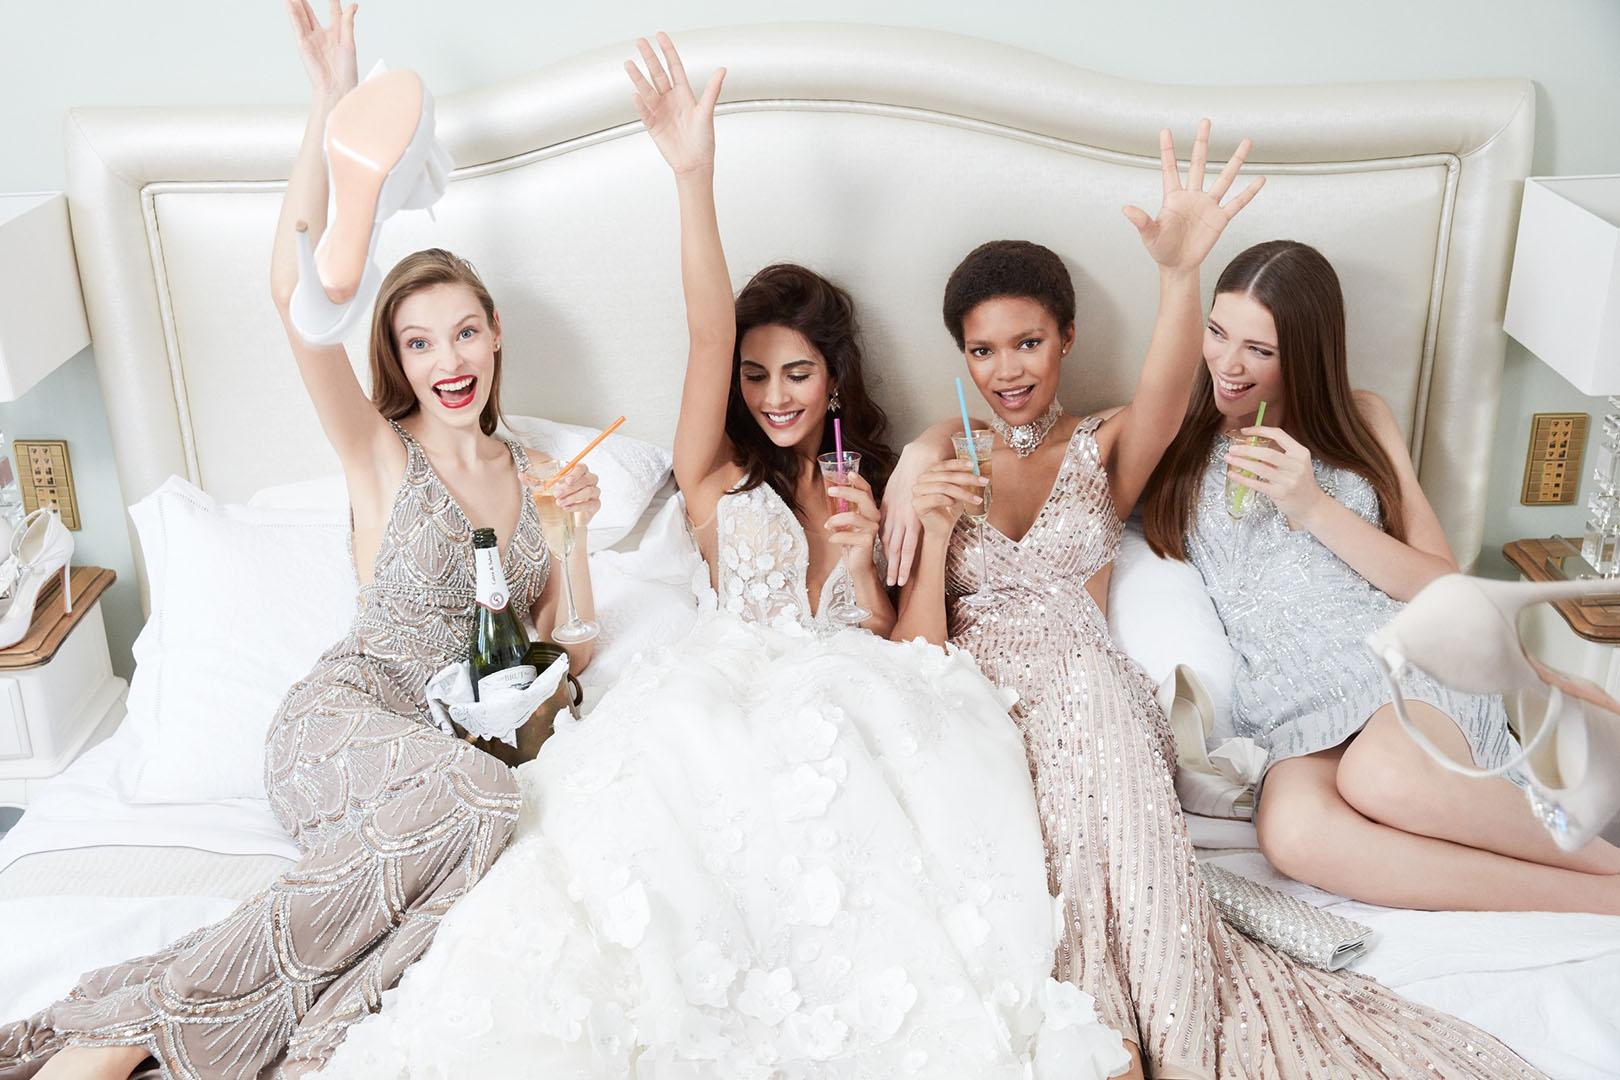 Atemberaubend Jamaikanisch Brautkleid Galerie - Brautkleider Ideen ...